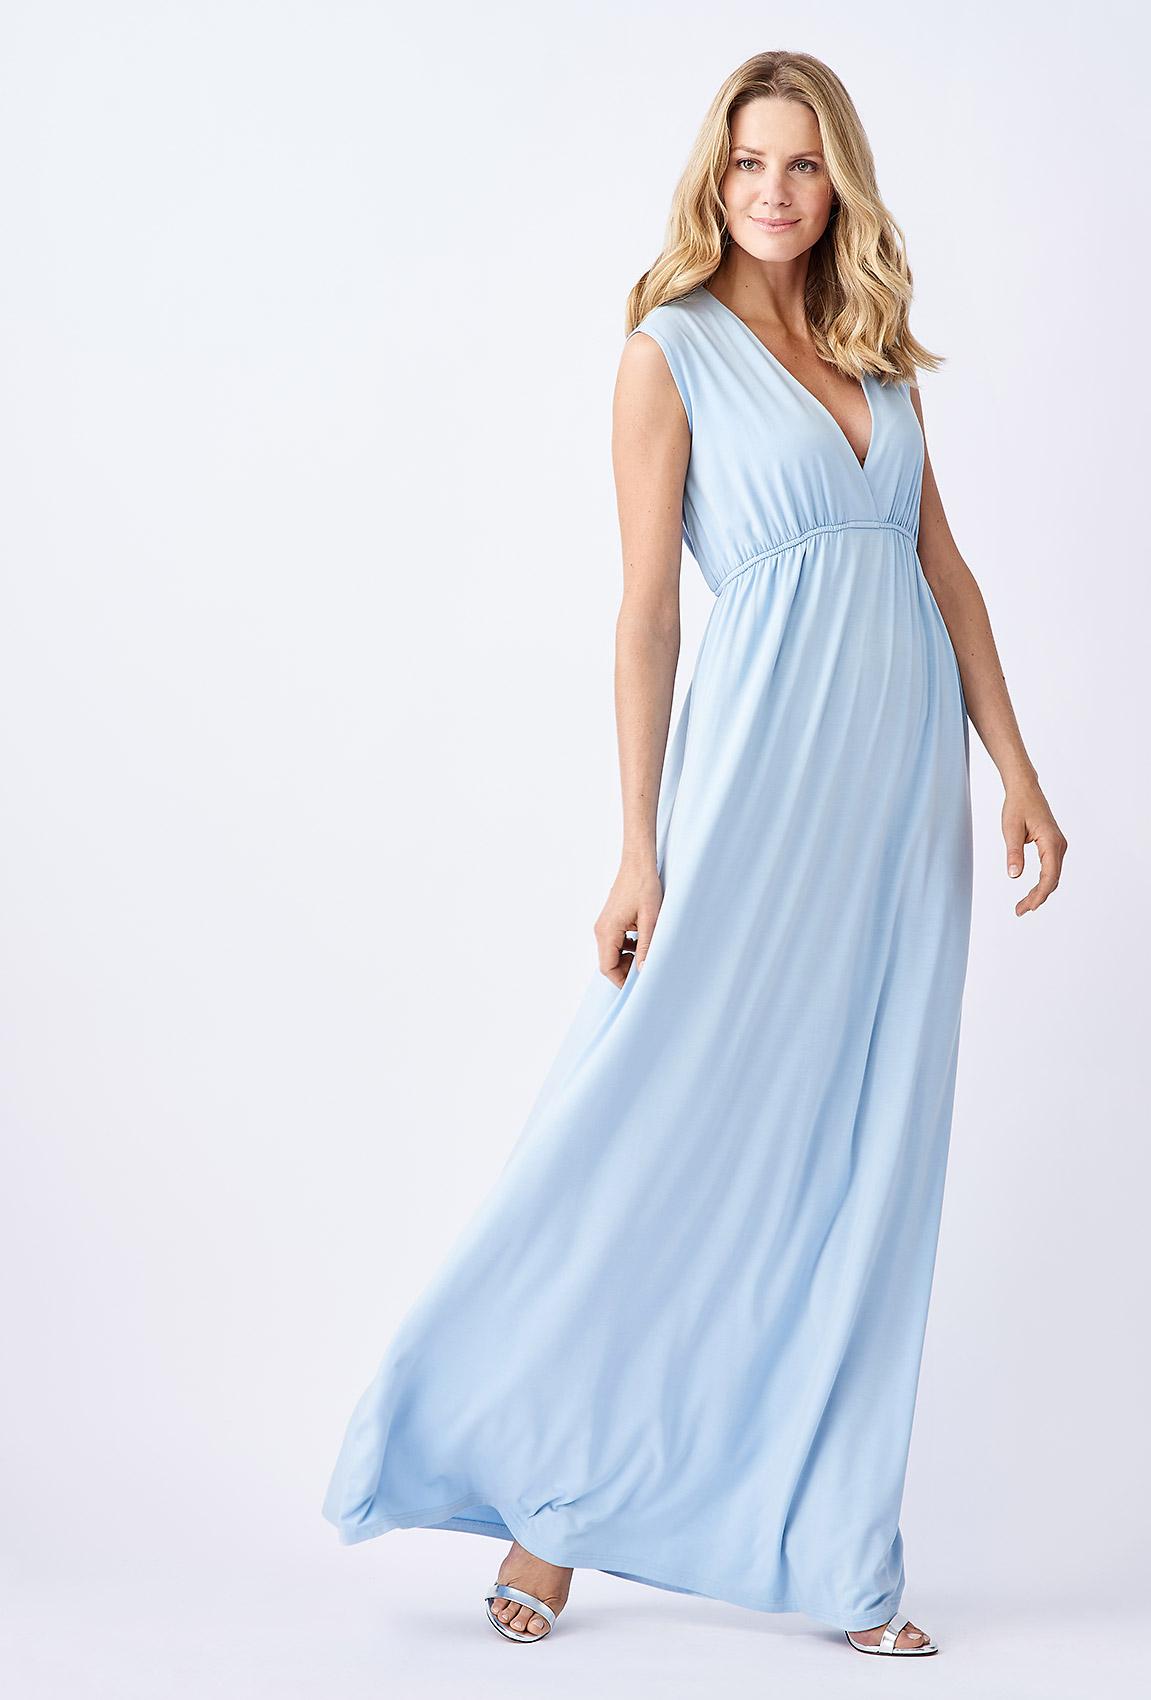 The Adélie Anna dress